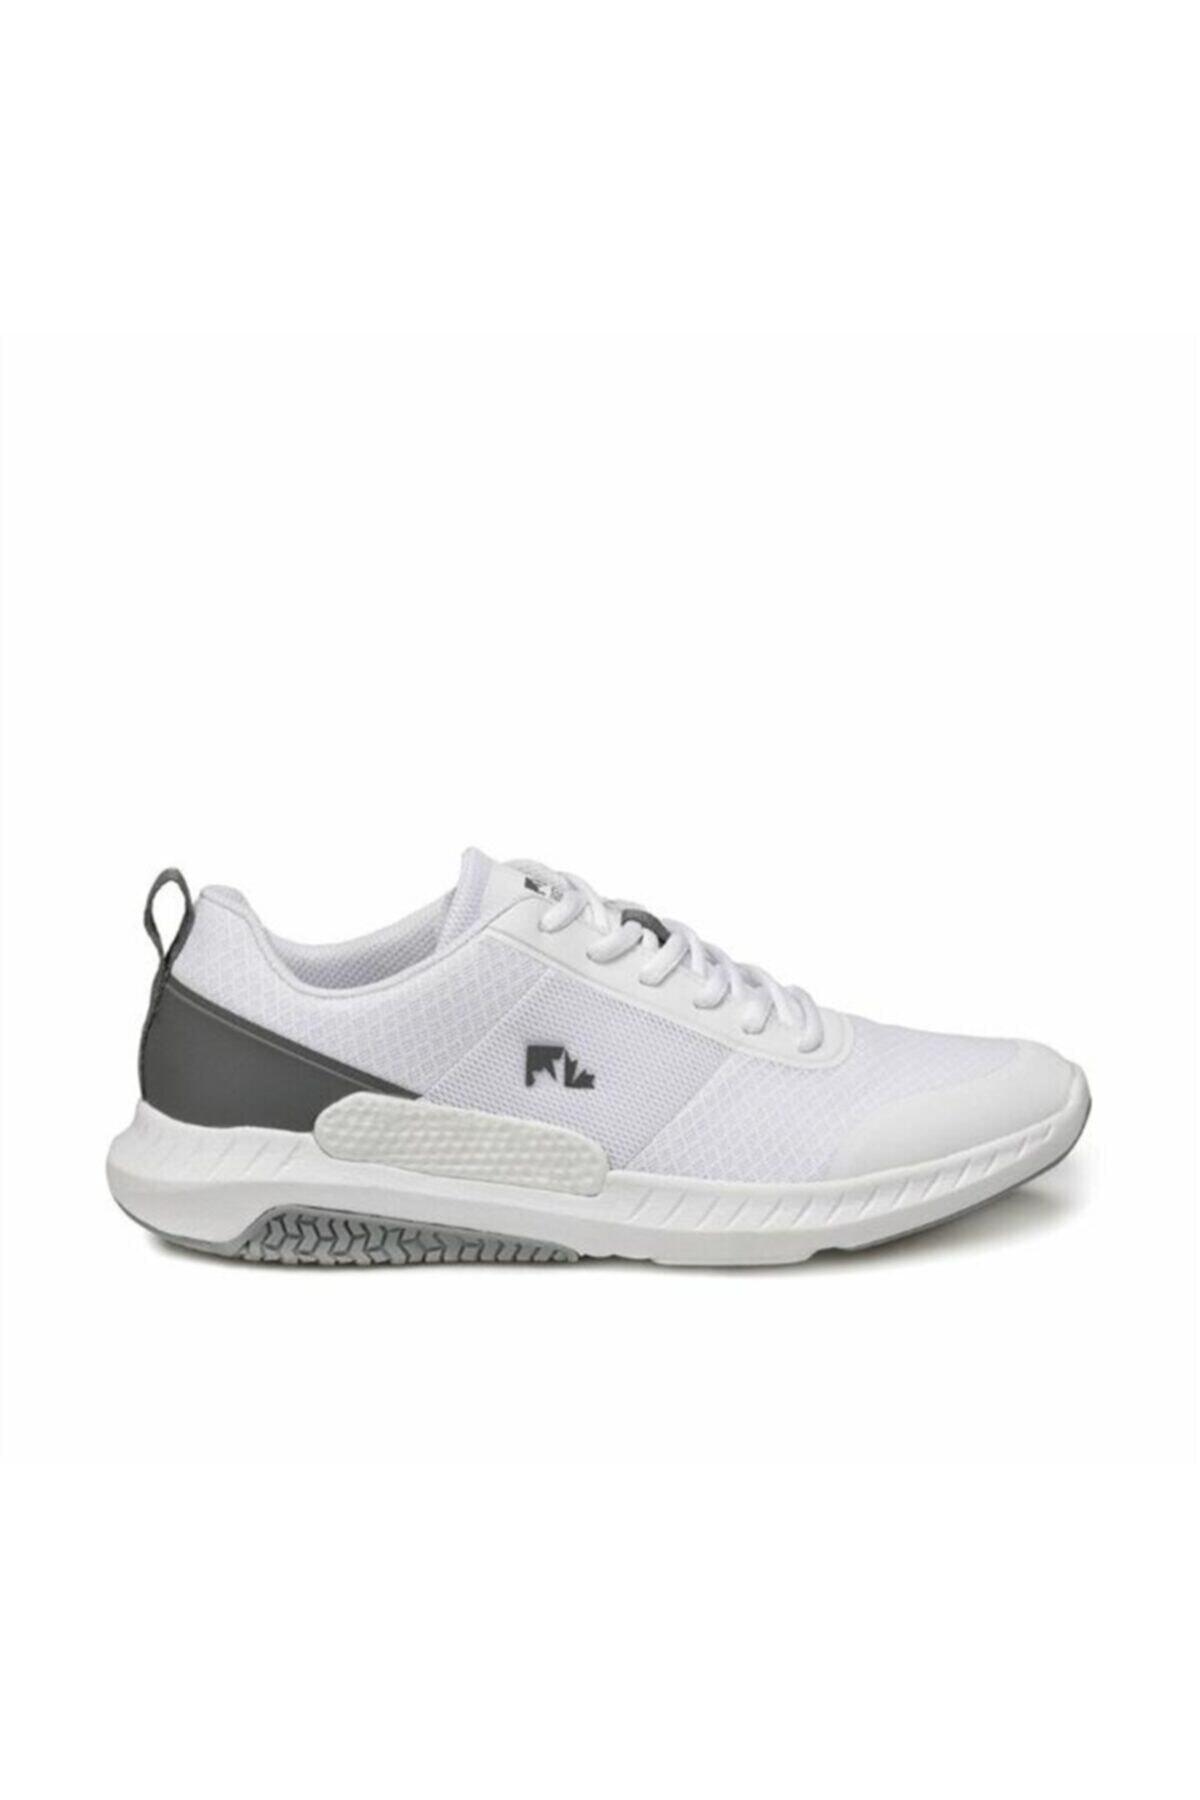 lumberjack AZURA Beyaz Erkek Koşu Ayakkabısı 100497475 1